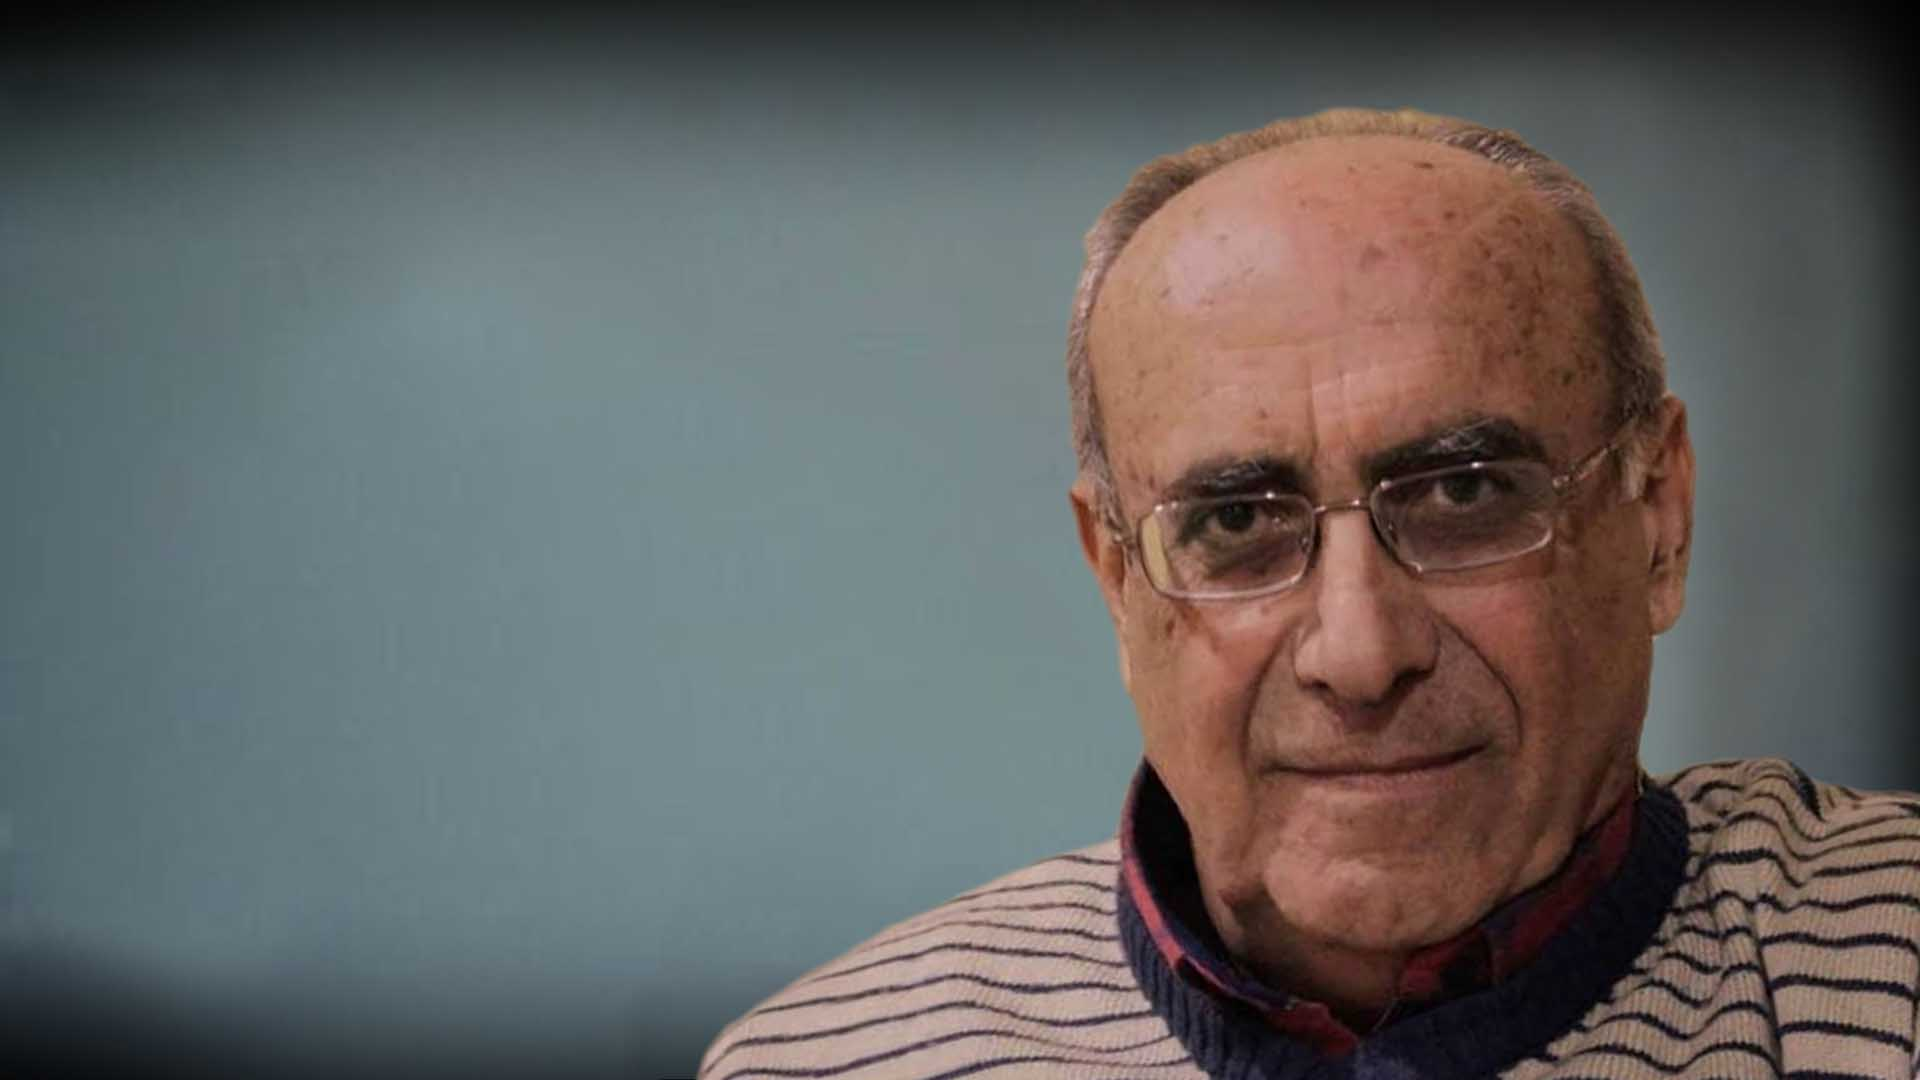 ممدوح عزام: الأدب السوري في لحظة الفعل والإبداع والتوثيق ونحن في بداية الطريق